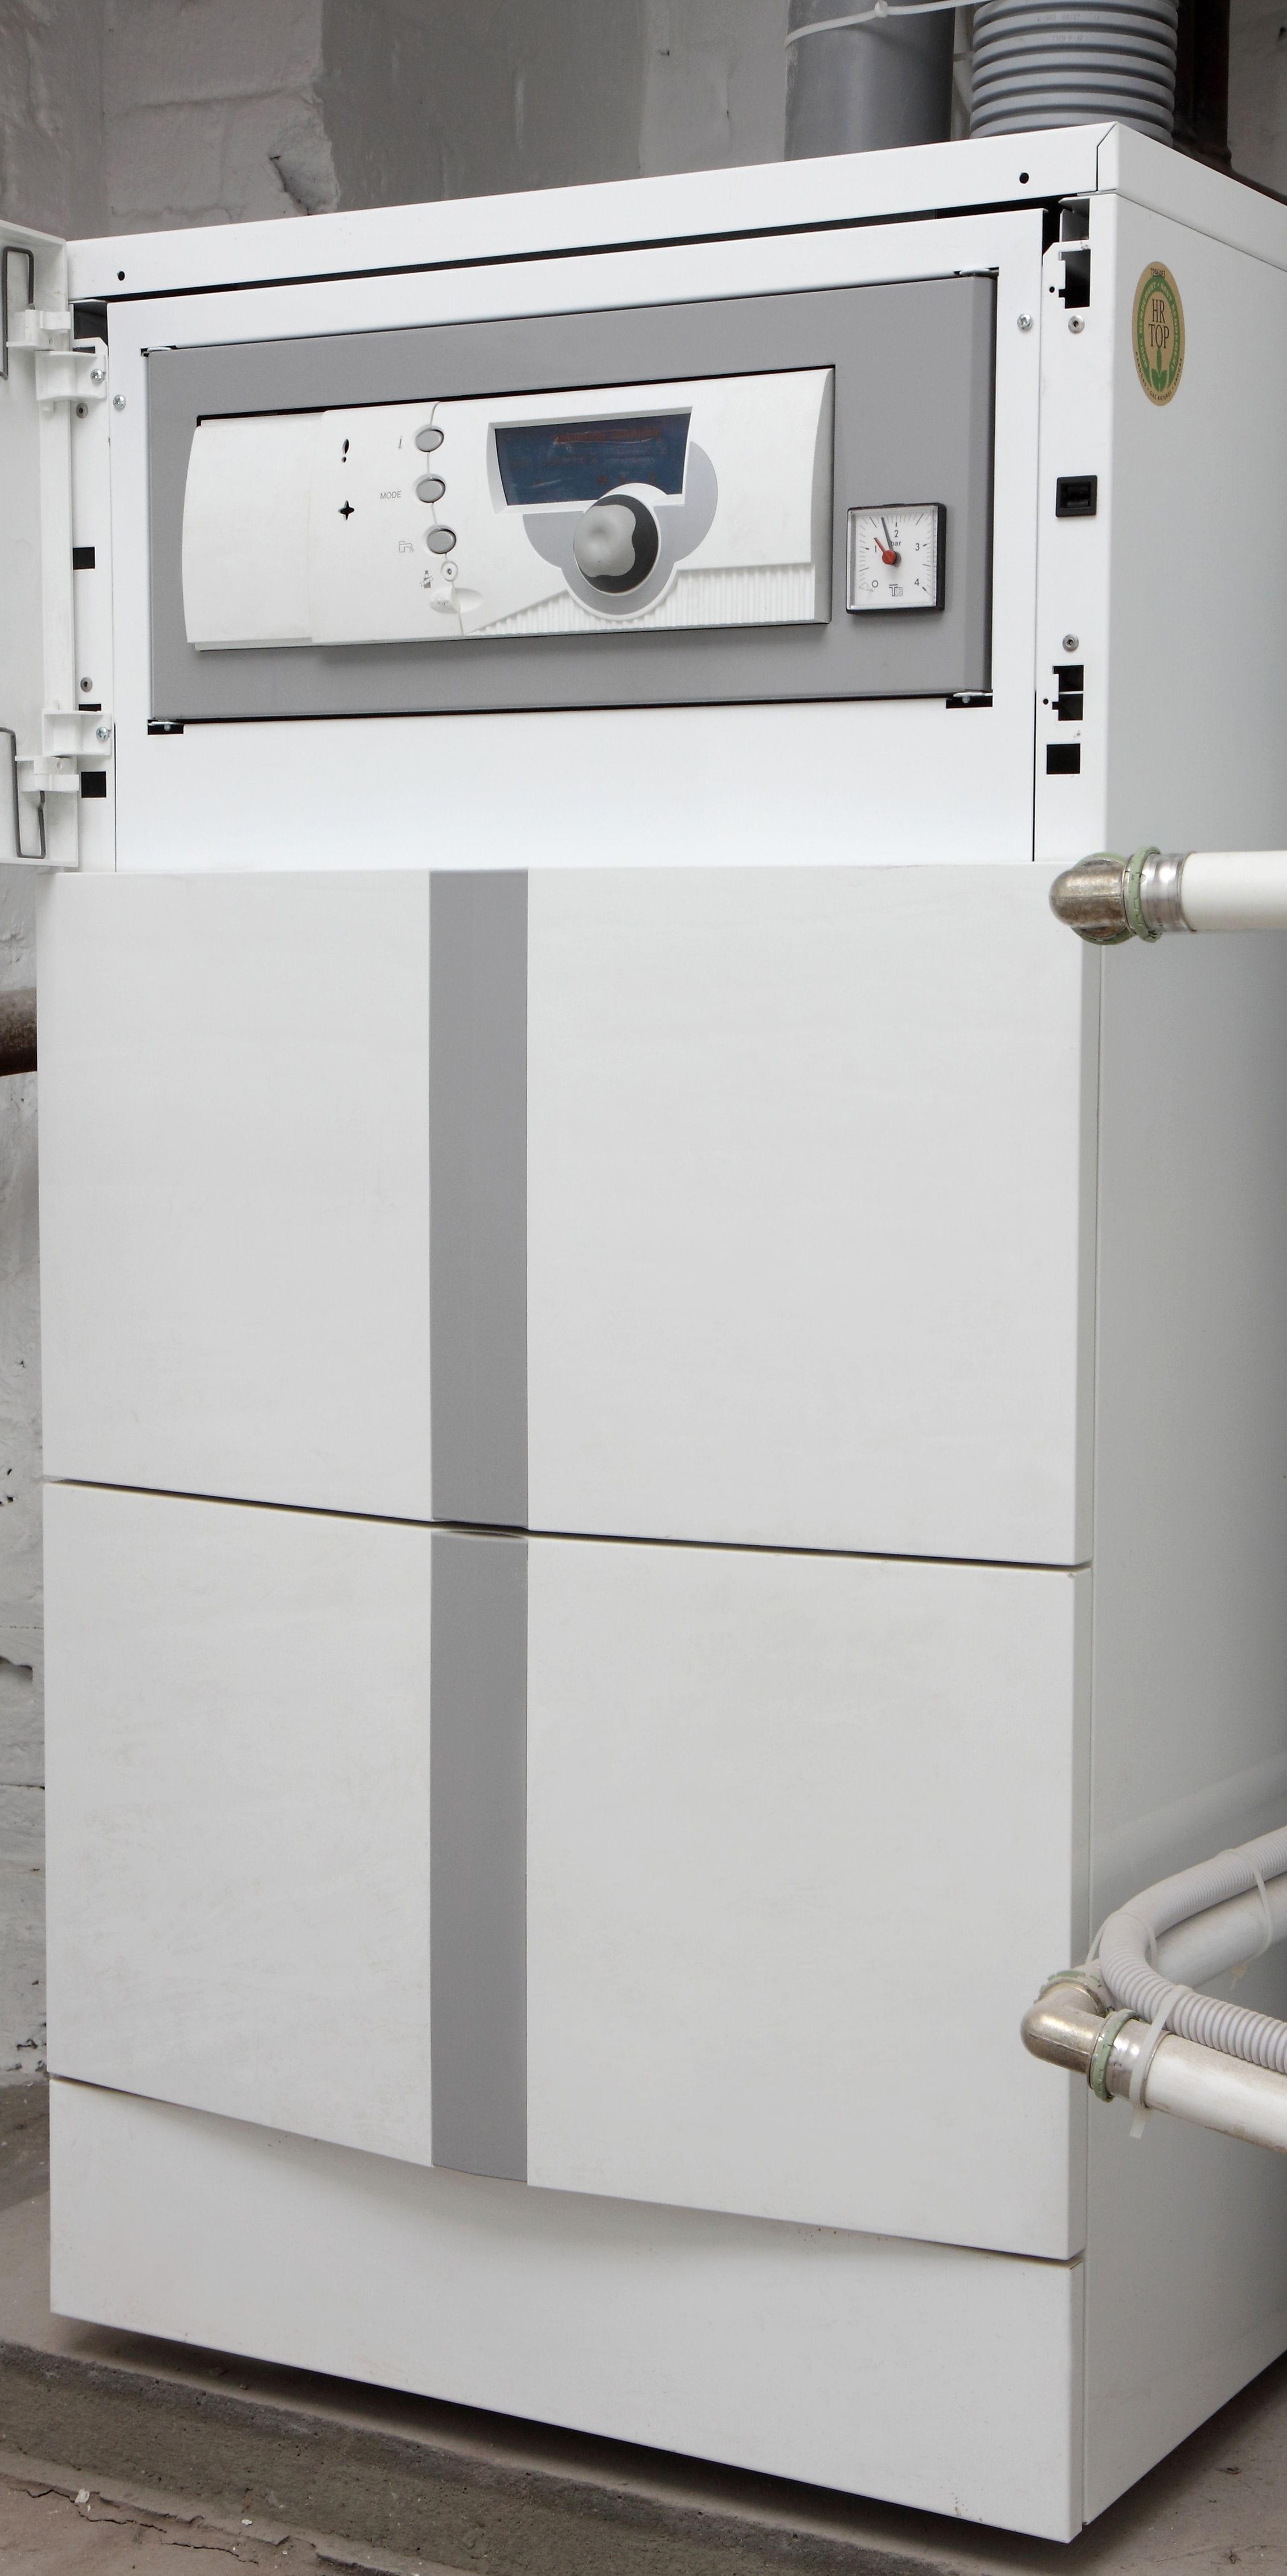 Les chaudi res condensation - Credit impot chaudiere ...